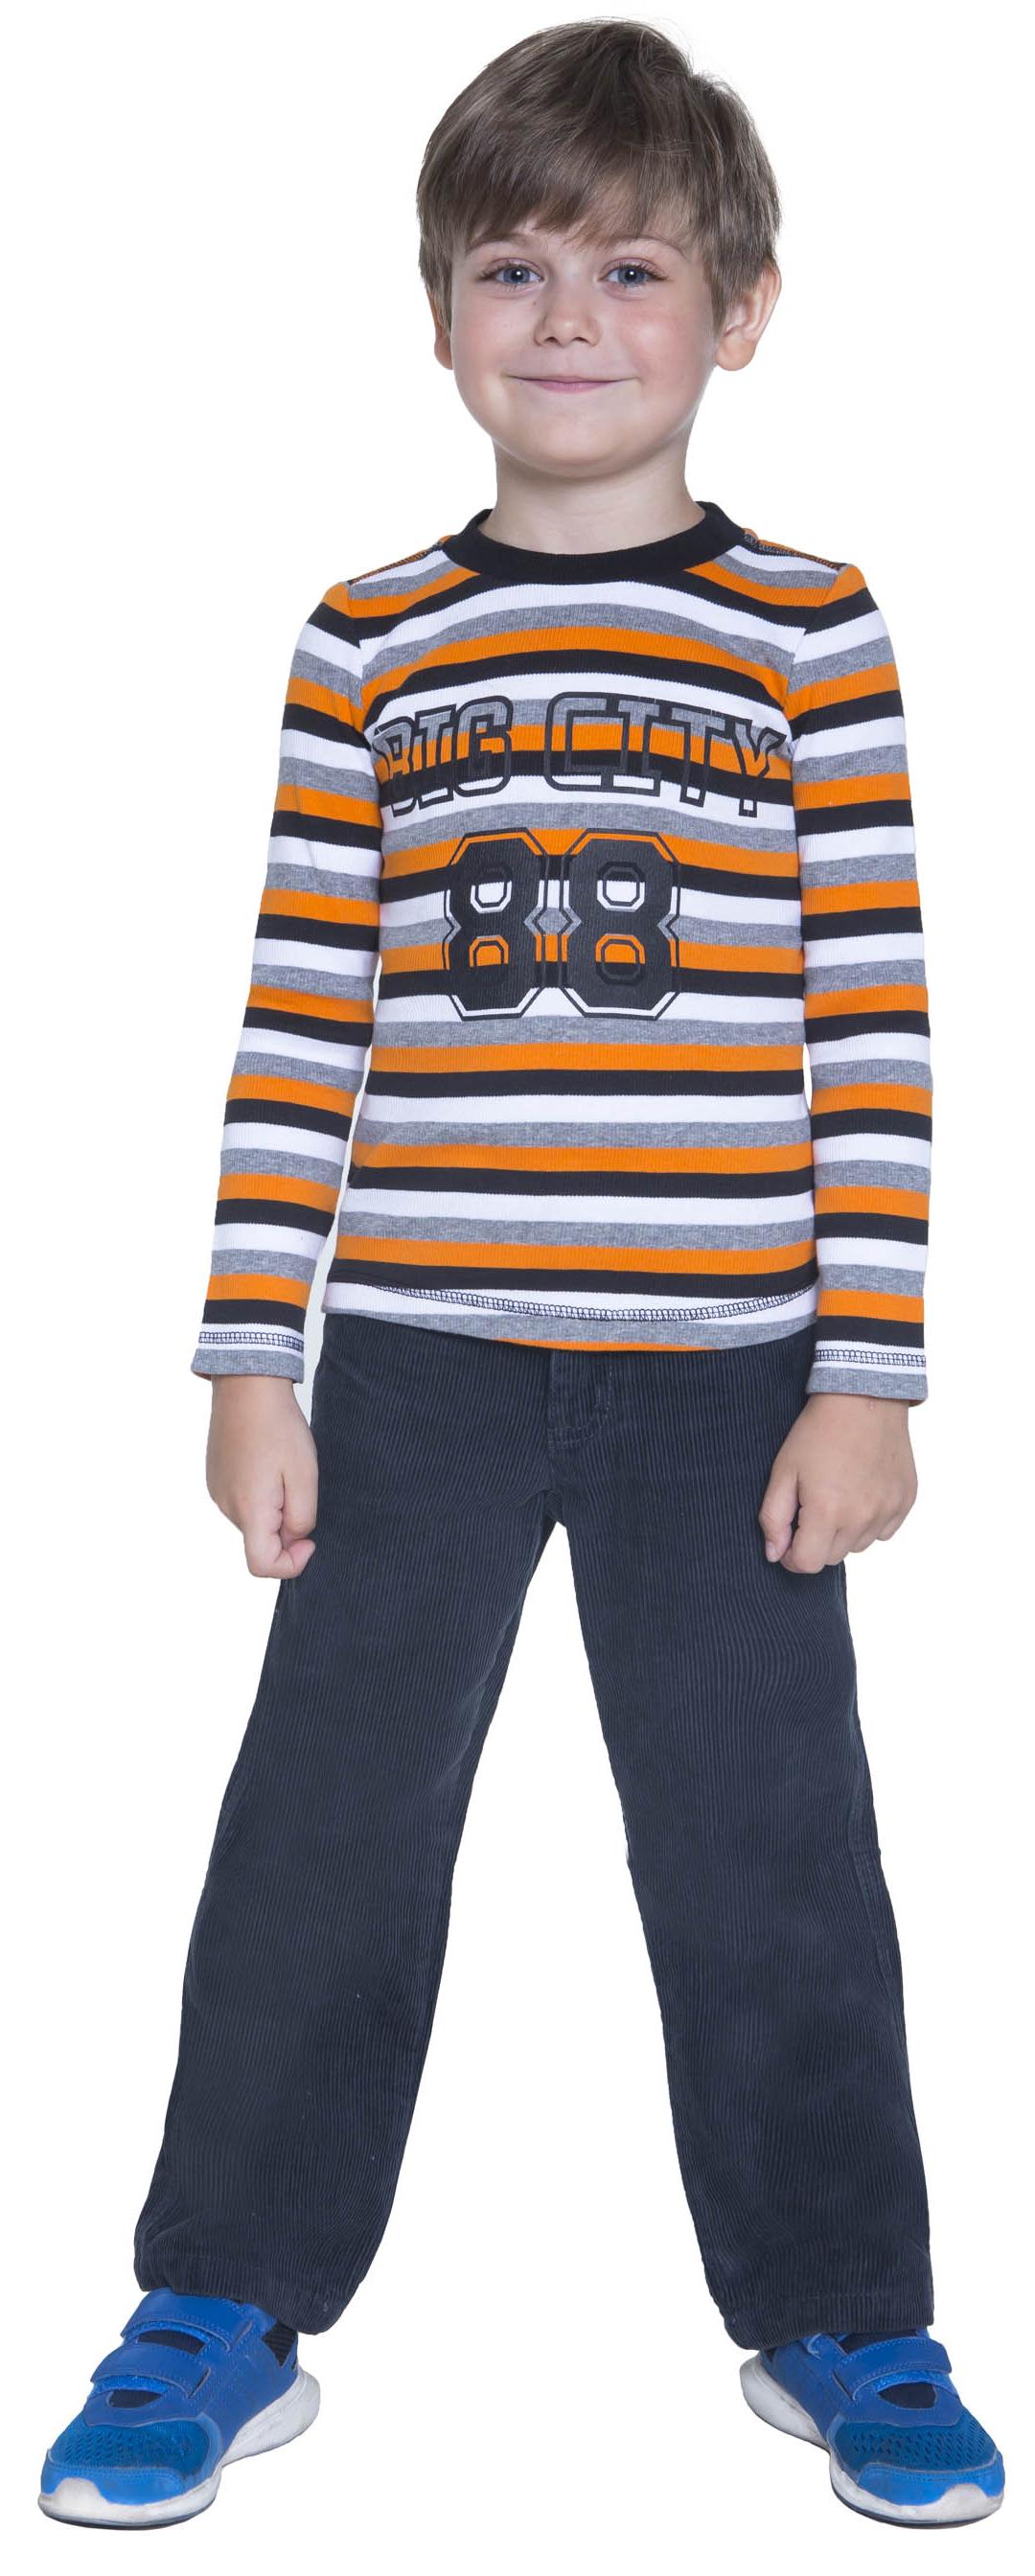 Футболки Barkito Футболка с длинным рукавом для мальчика Barkito, Сити, белая с рисунком полоска футболки barkito футболка с длинным рукавом для мальчика barkito монстр трак синяя